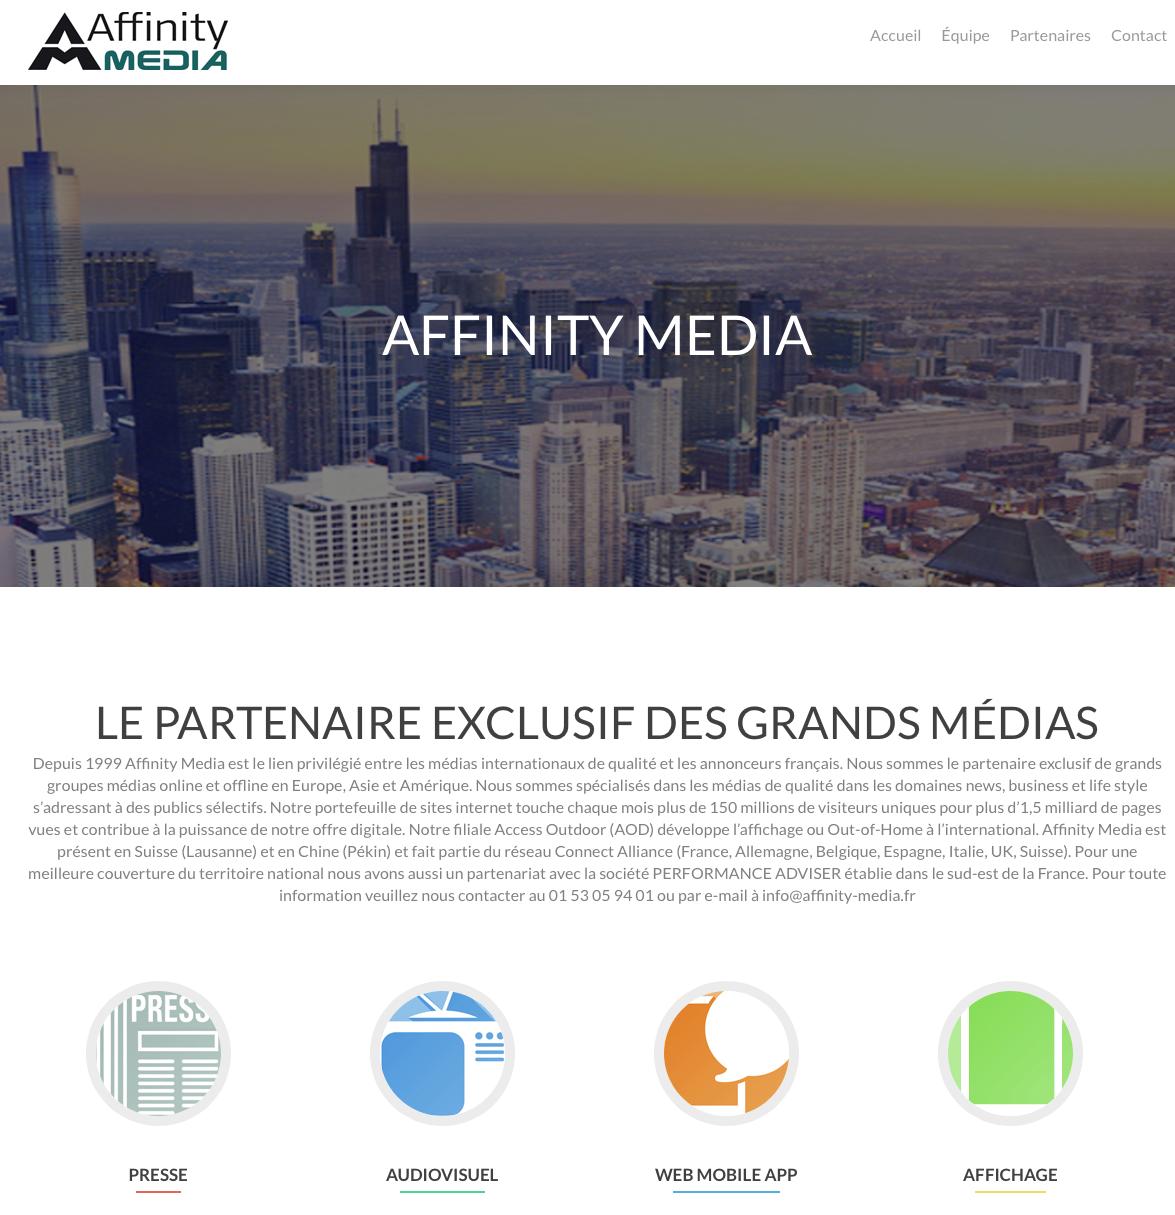 新闻翻译服务 Affinity Media 葡萄牙语 西班牙语 意大利语 Atenao翻译公司